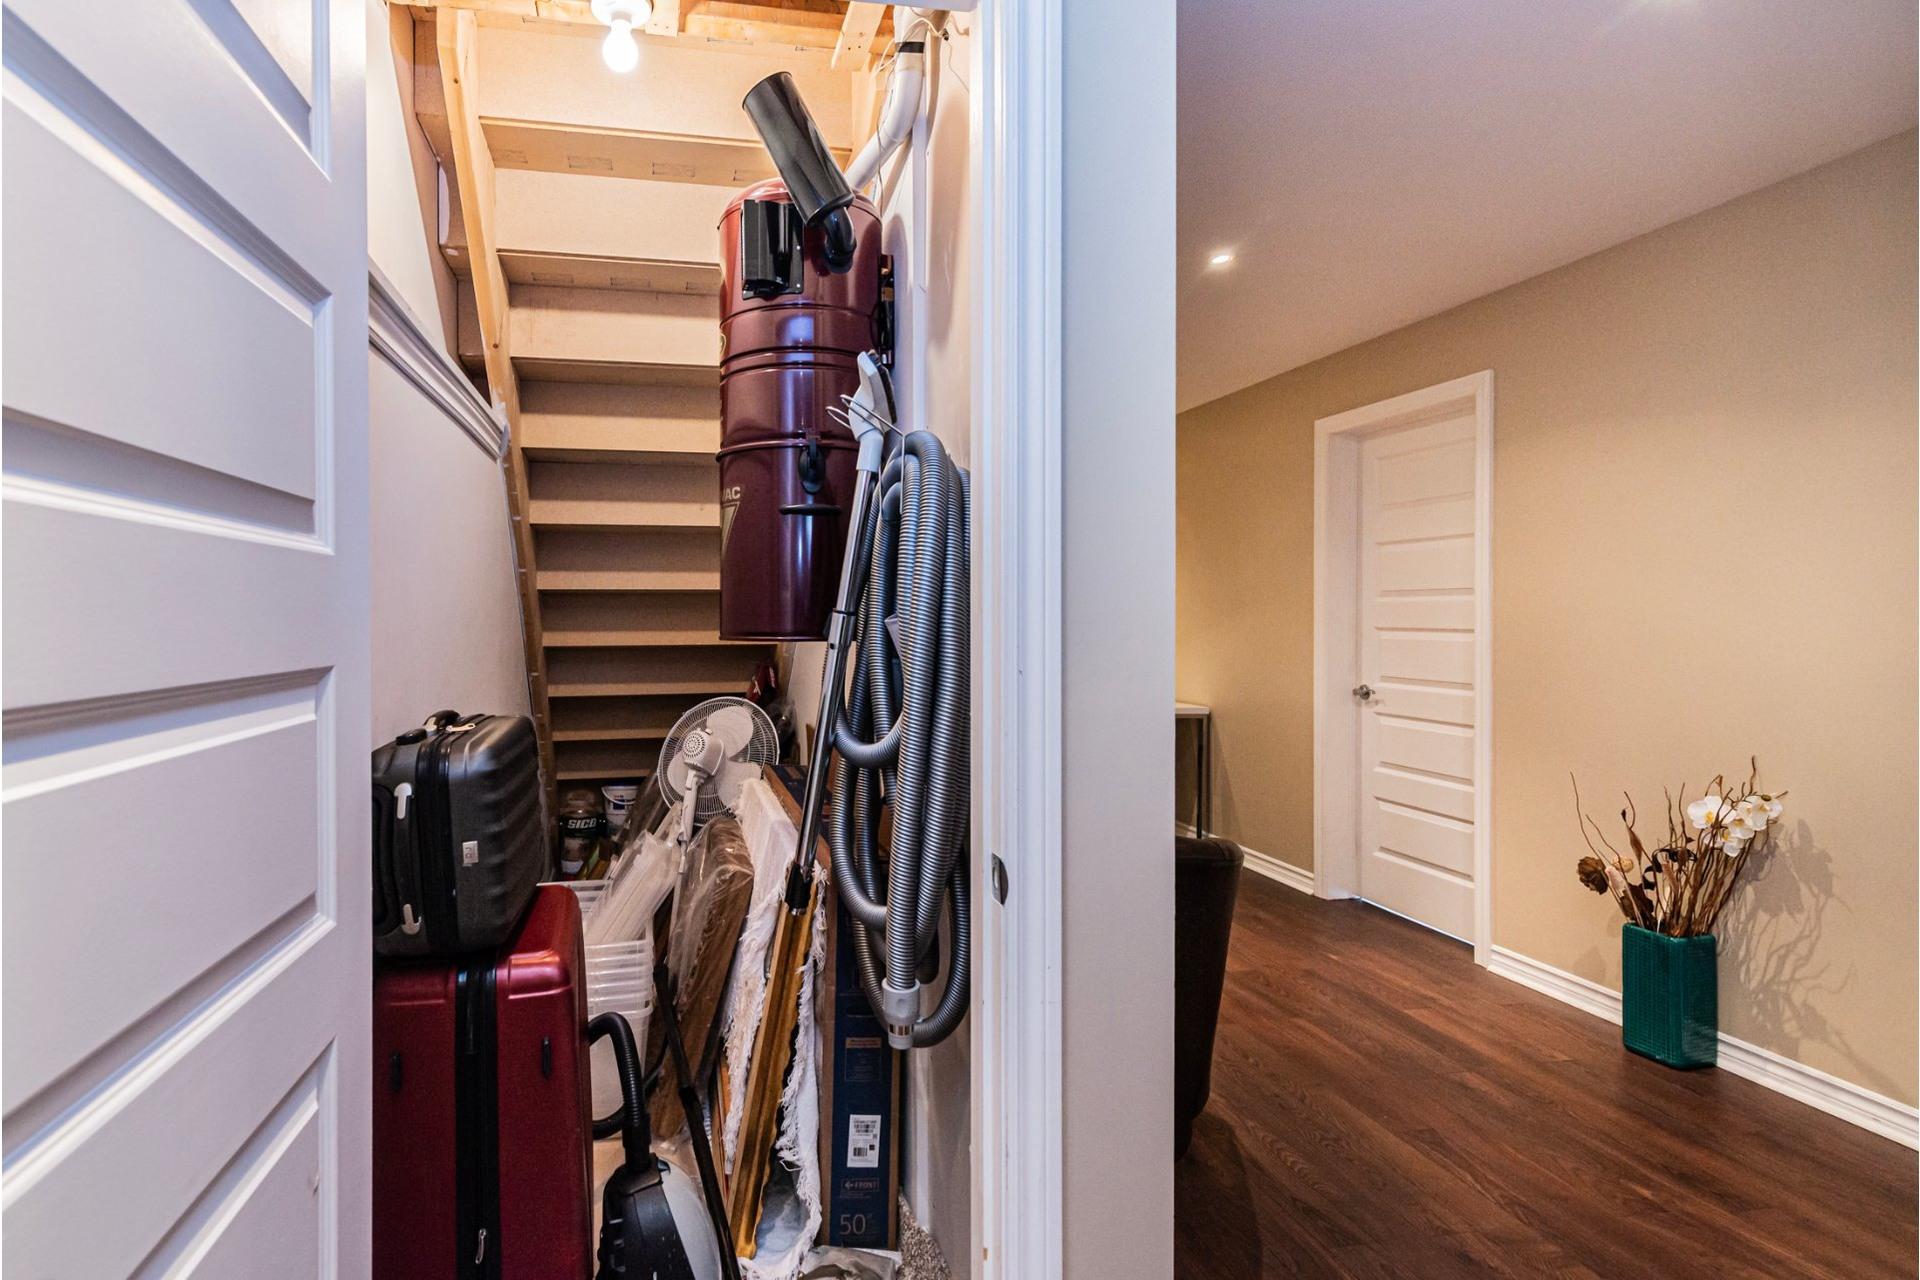 image 31 - Appartement À vendre Lachine Montréal  - 11 pièces